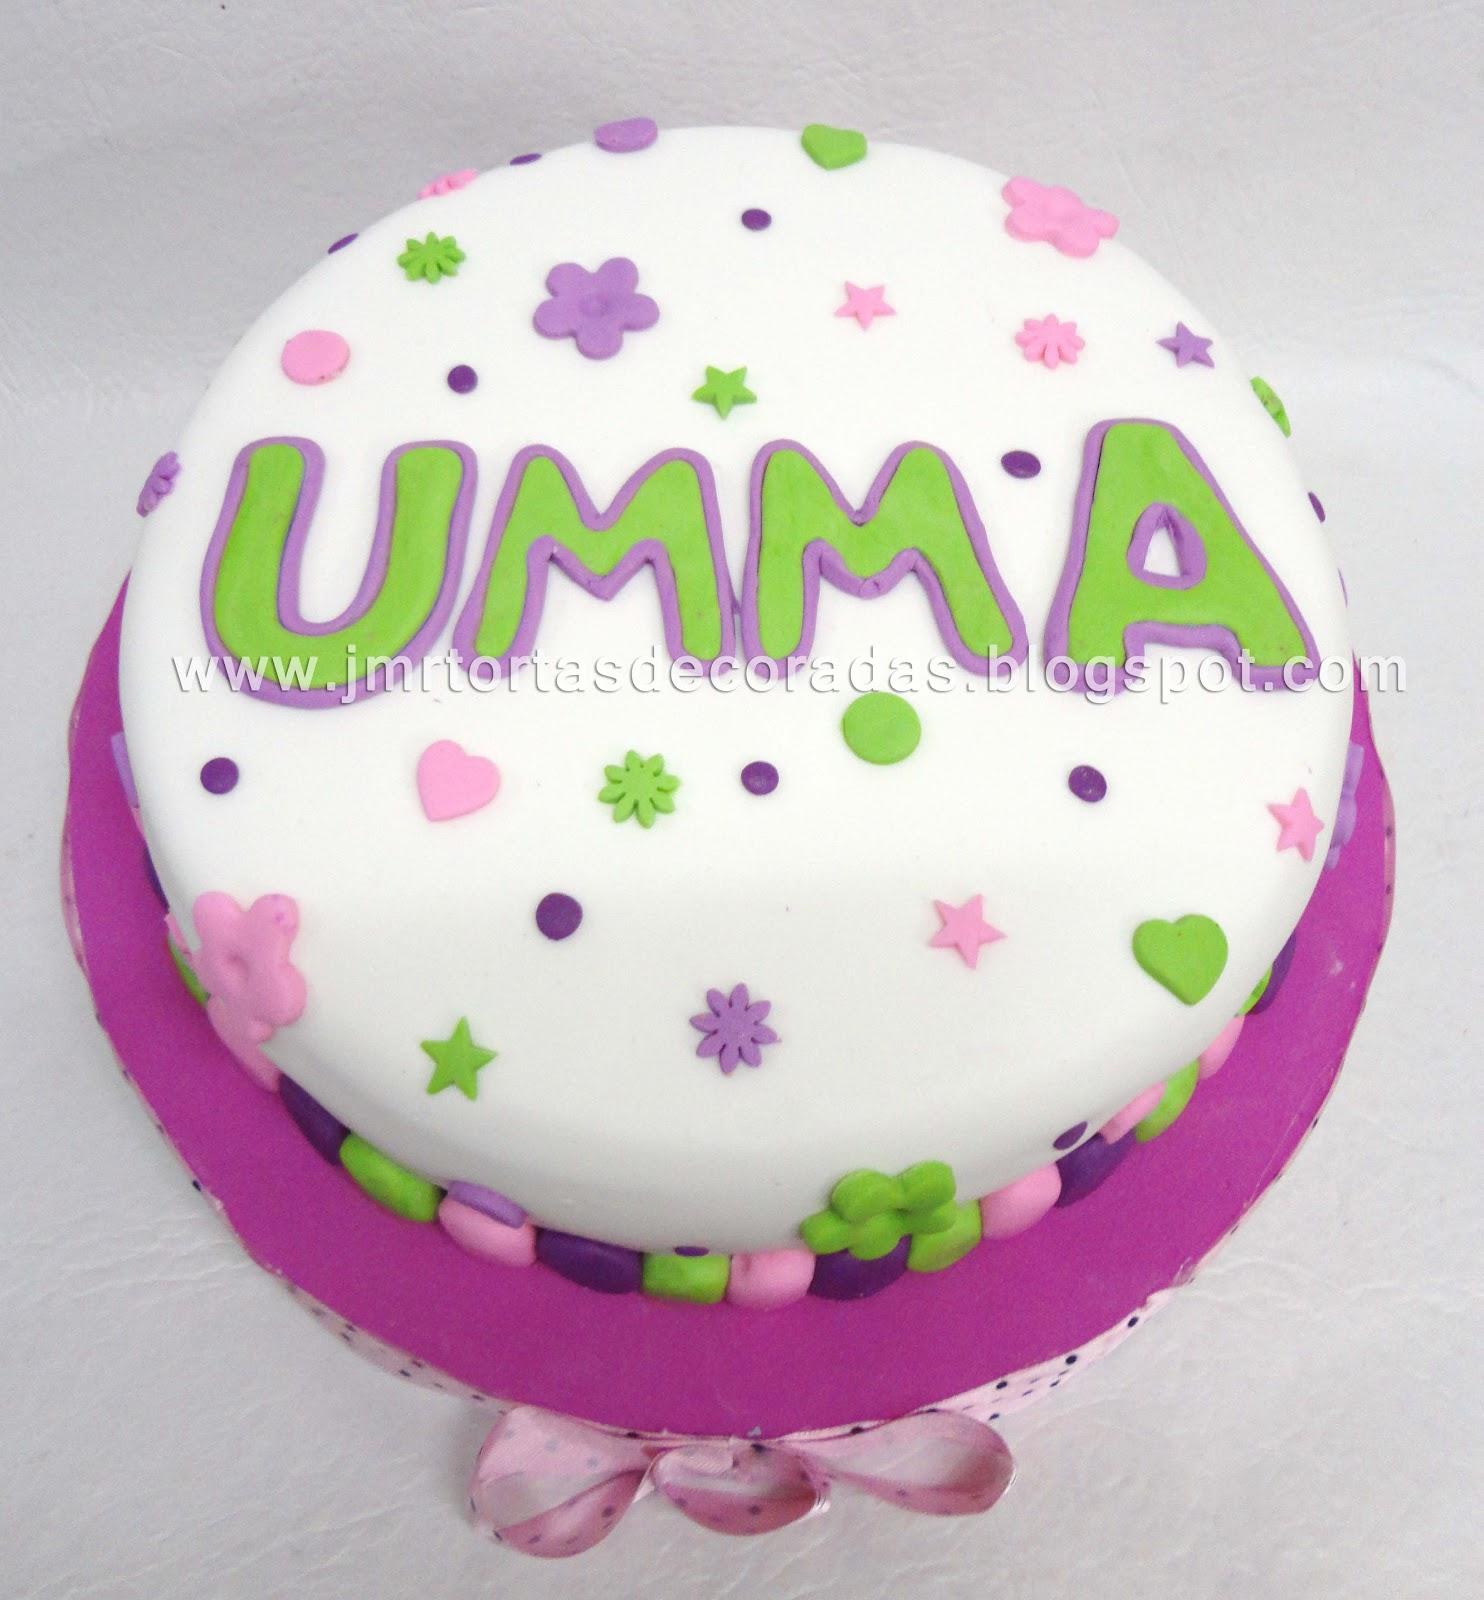 Pin tortas decoradas con fondant anas cake p gina 4 cake for Paginas decoradas